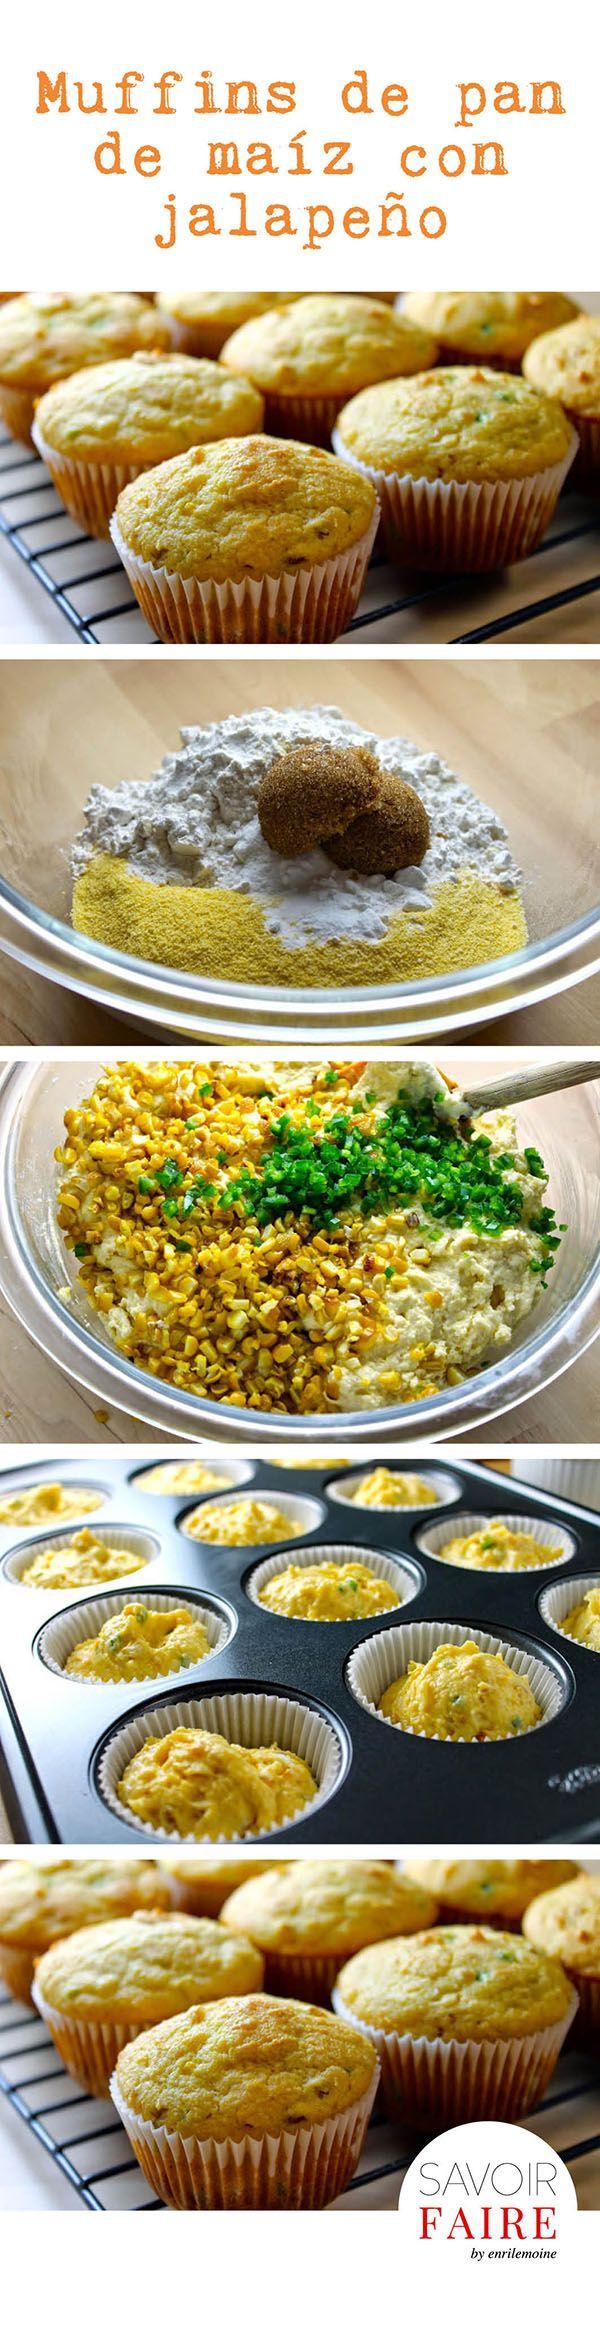 ¡Levanta la mano si te provocan estos muffins de pan de maíz con jalapeño y queso cheddar! Son perfectos para servir en Acción de Gracias. ¡Que los disfrutes!